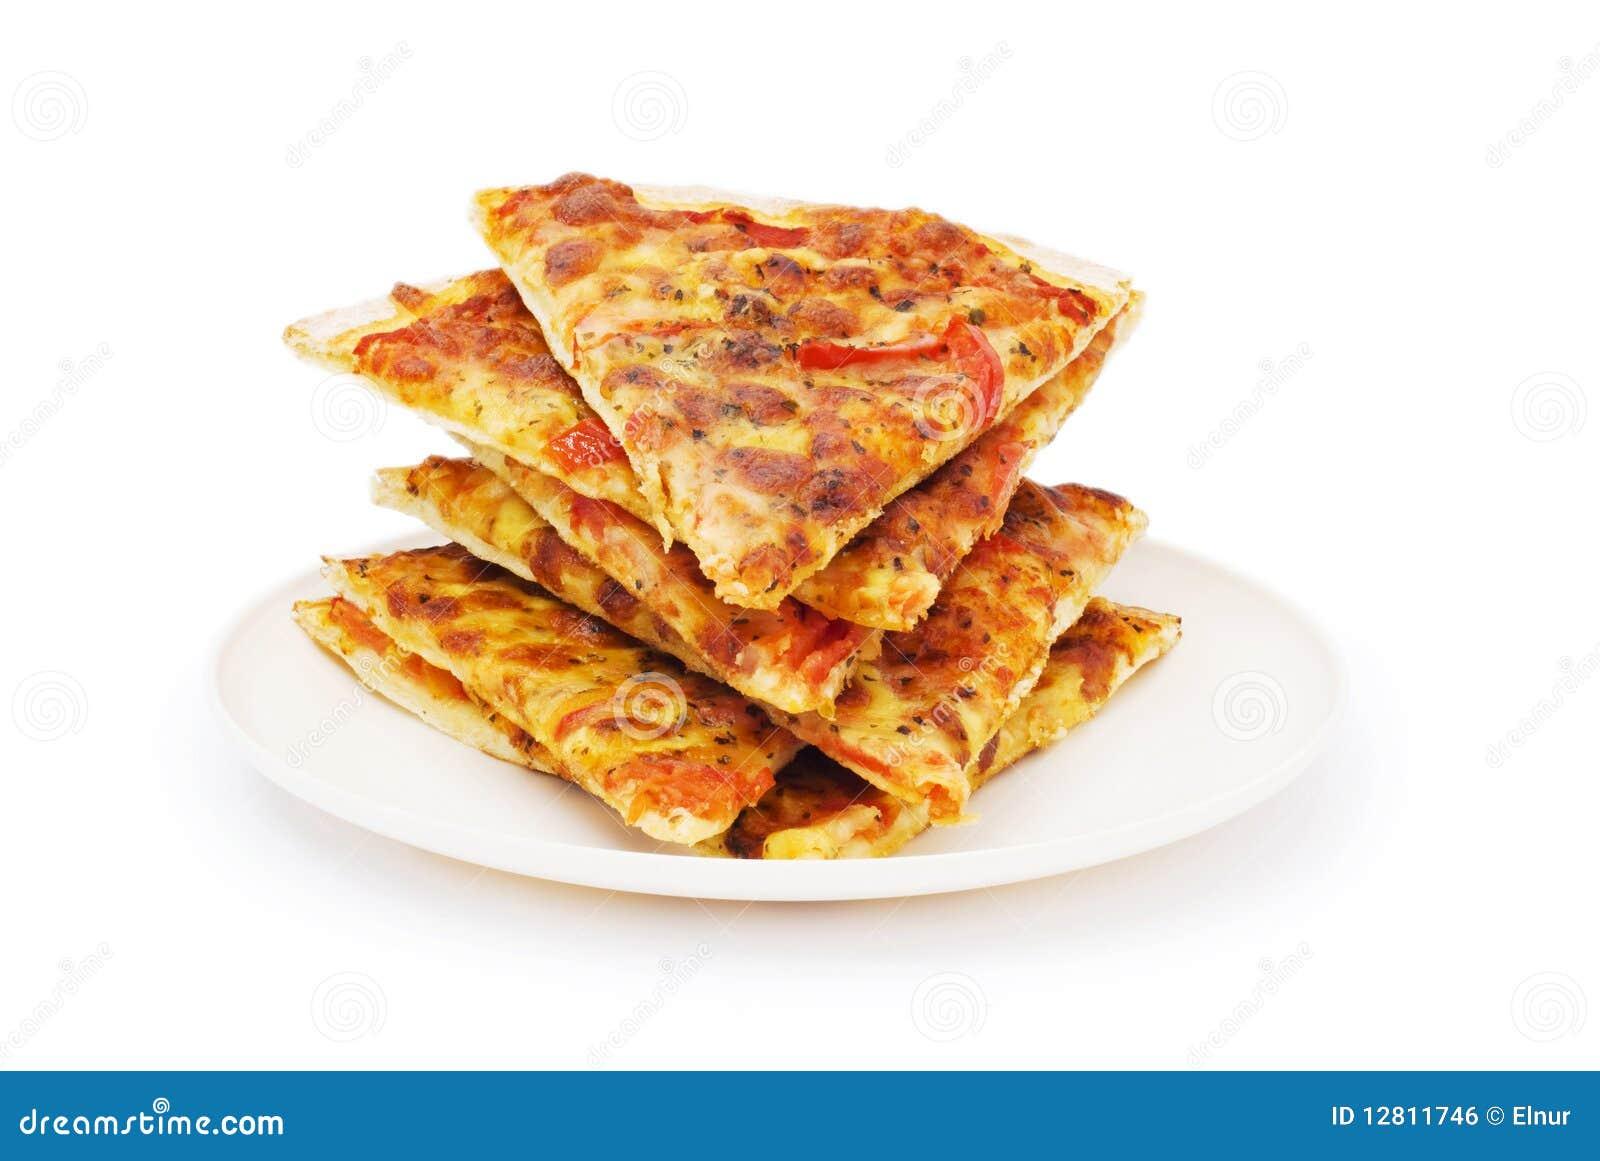 Pizza isolada no branco